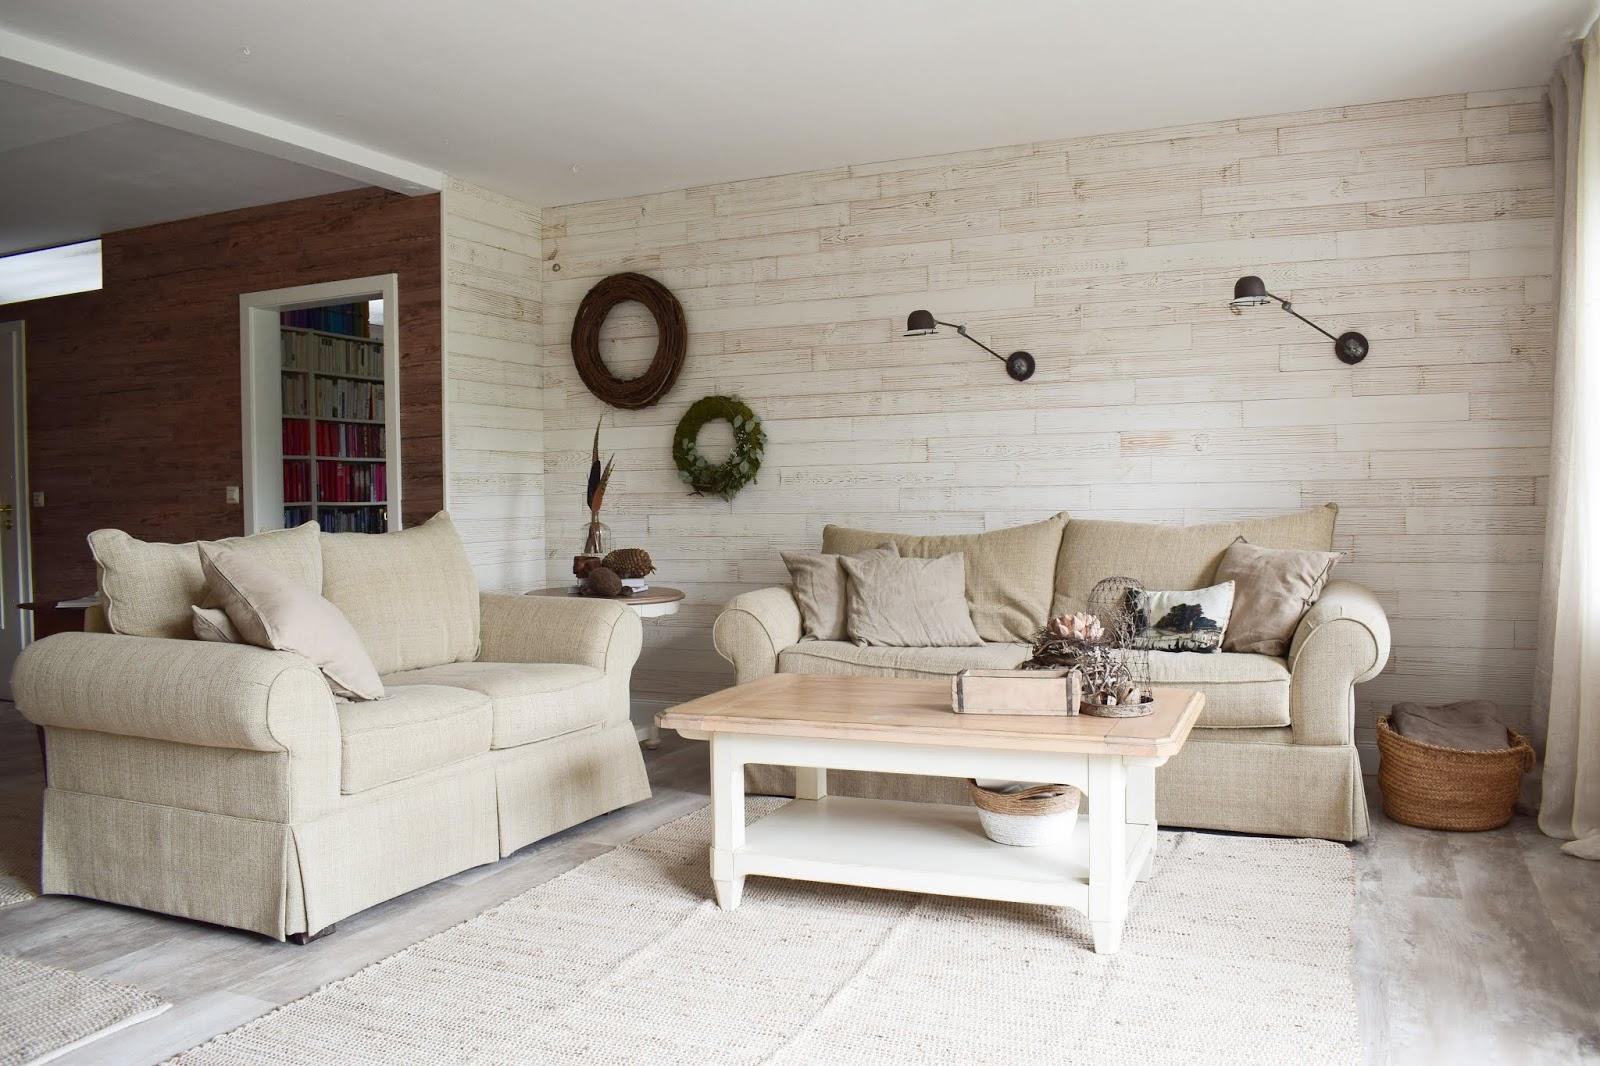 Deko für das Wohnzimmer und die Wand mit Kranz und Wandlampe Wandleuchte Wanddeko. Natürlich wohnen und dekorieren. Dekoidee Kränze selber machen DIY